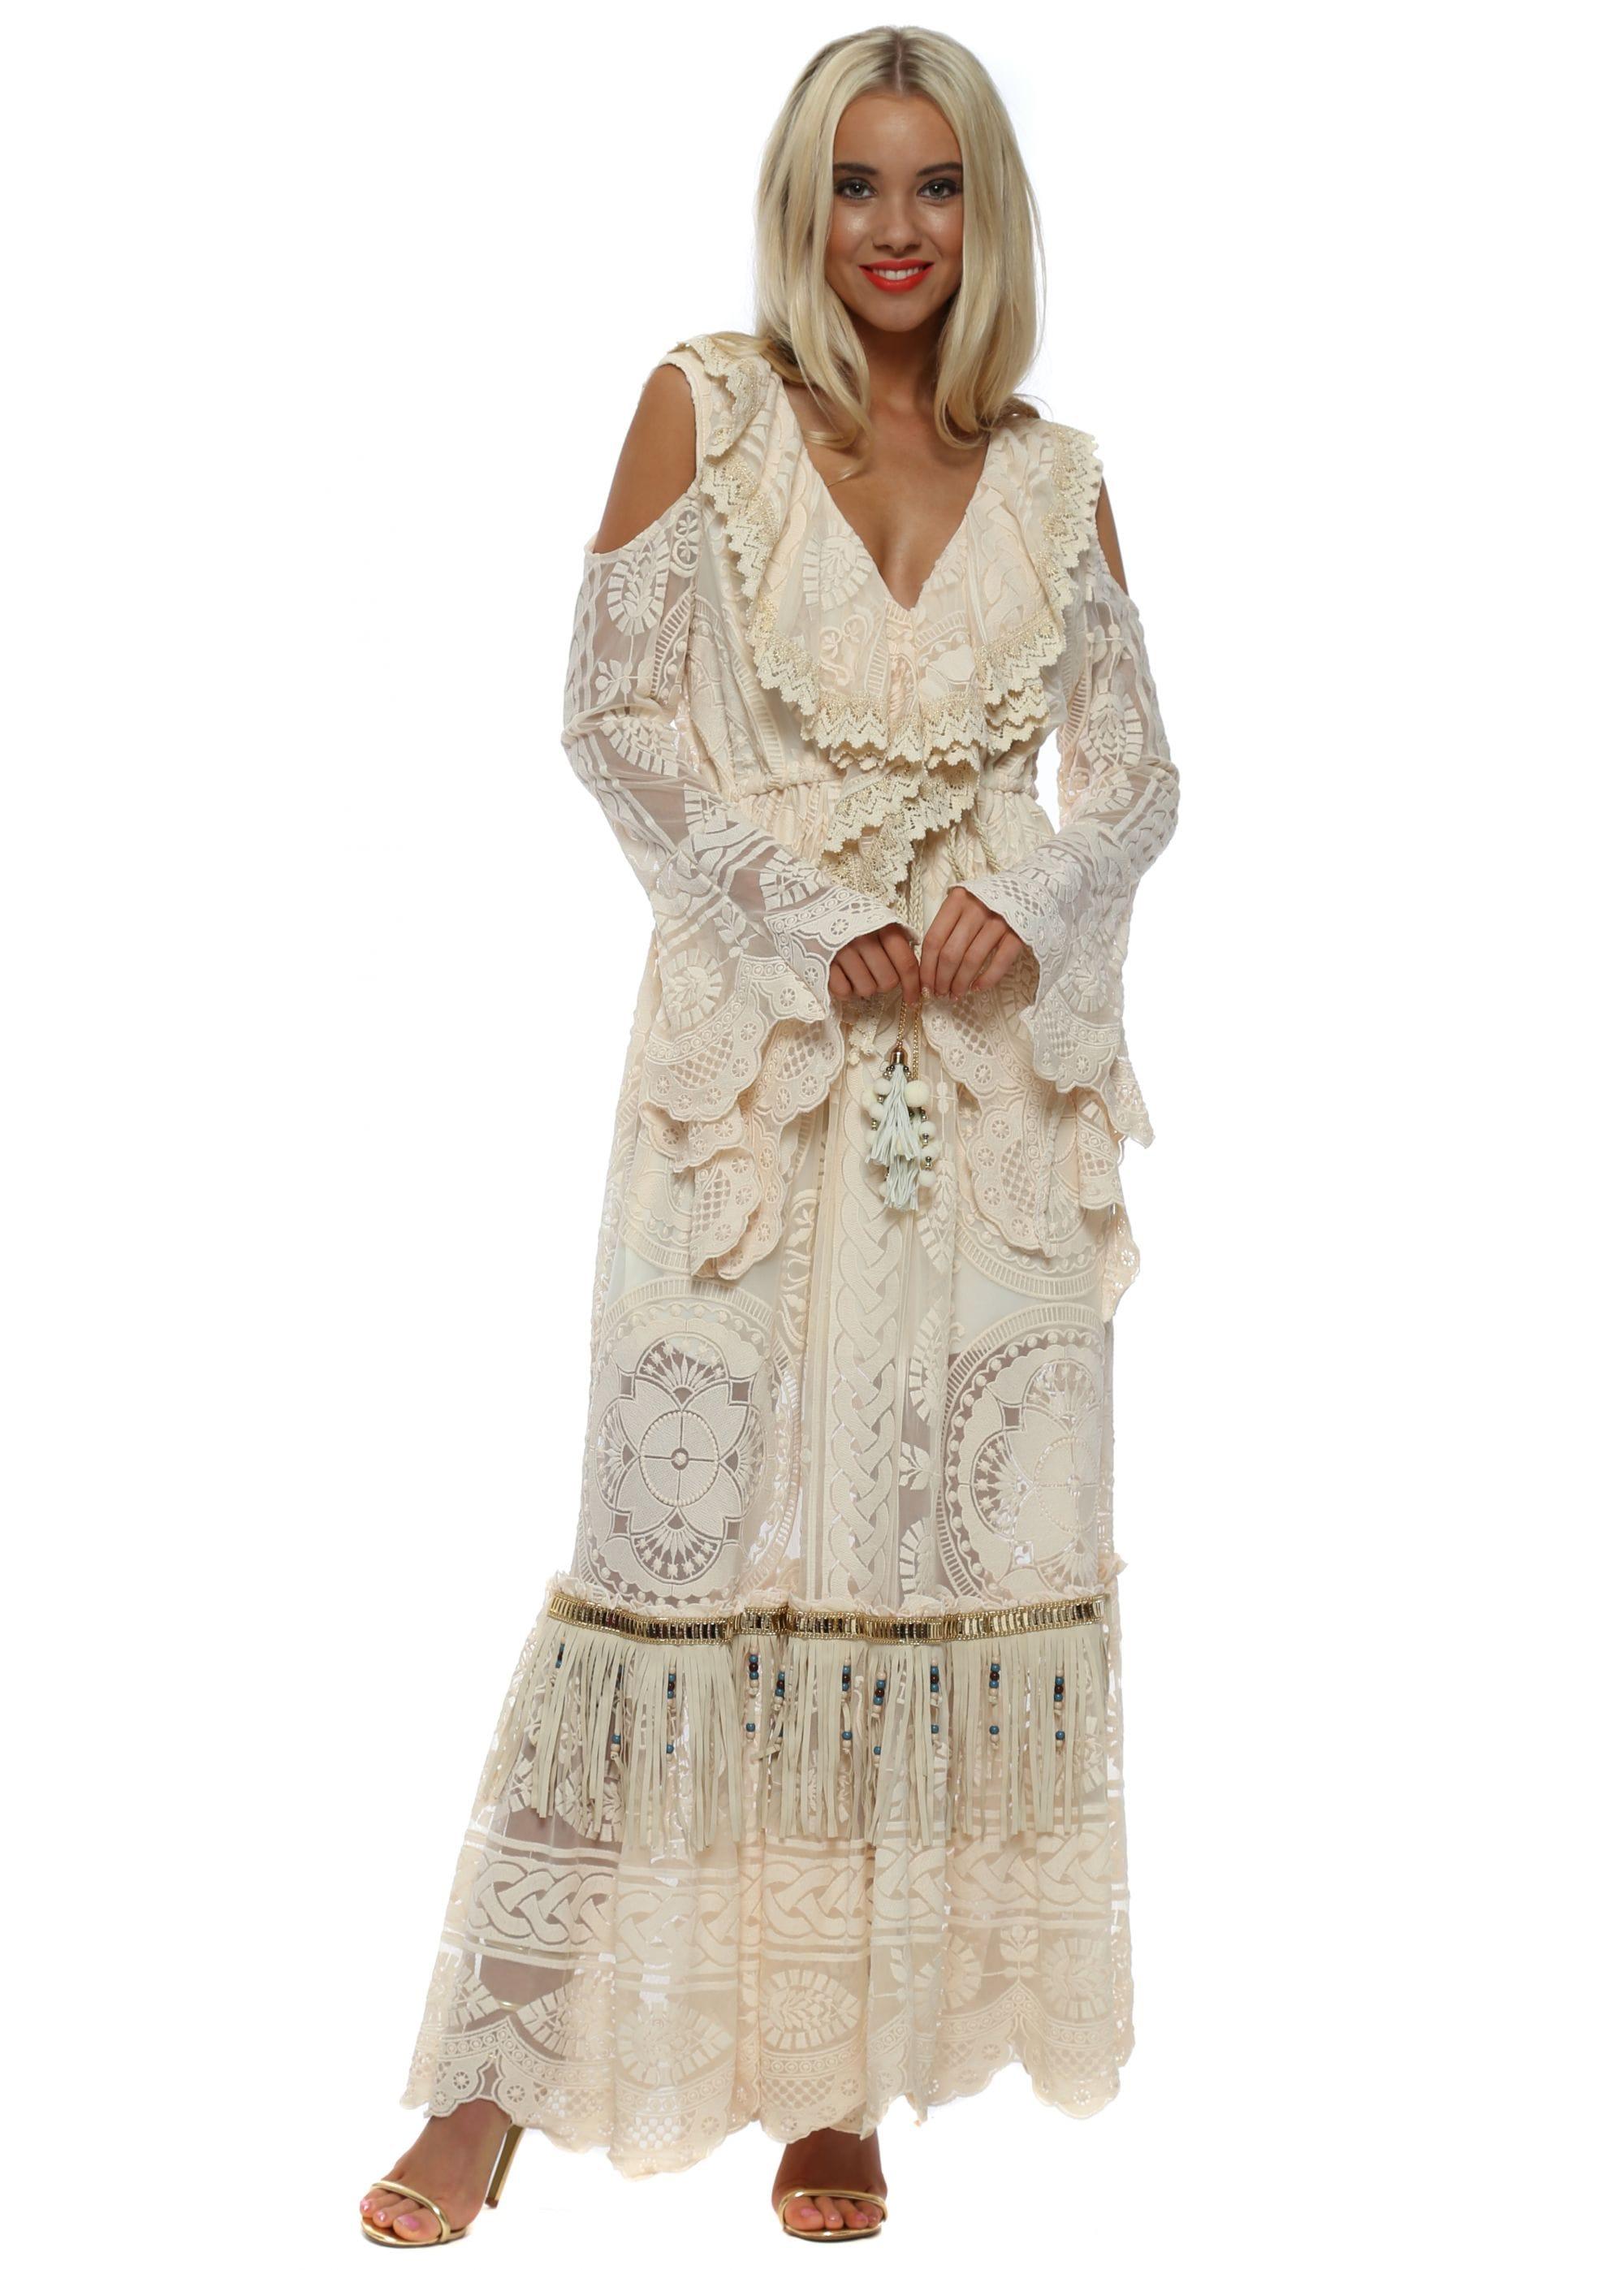 59eaa3b5bab8e Laurie & Joe Cream Lace Long Sleeve Maxi Dress